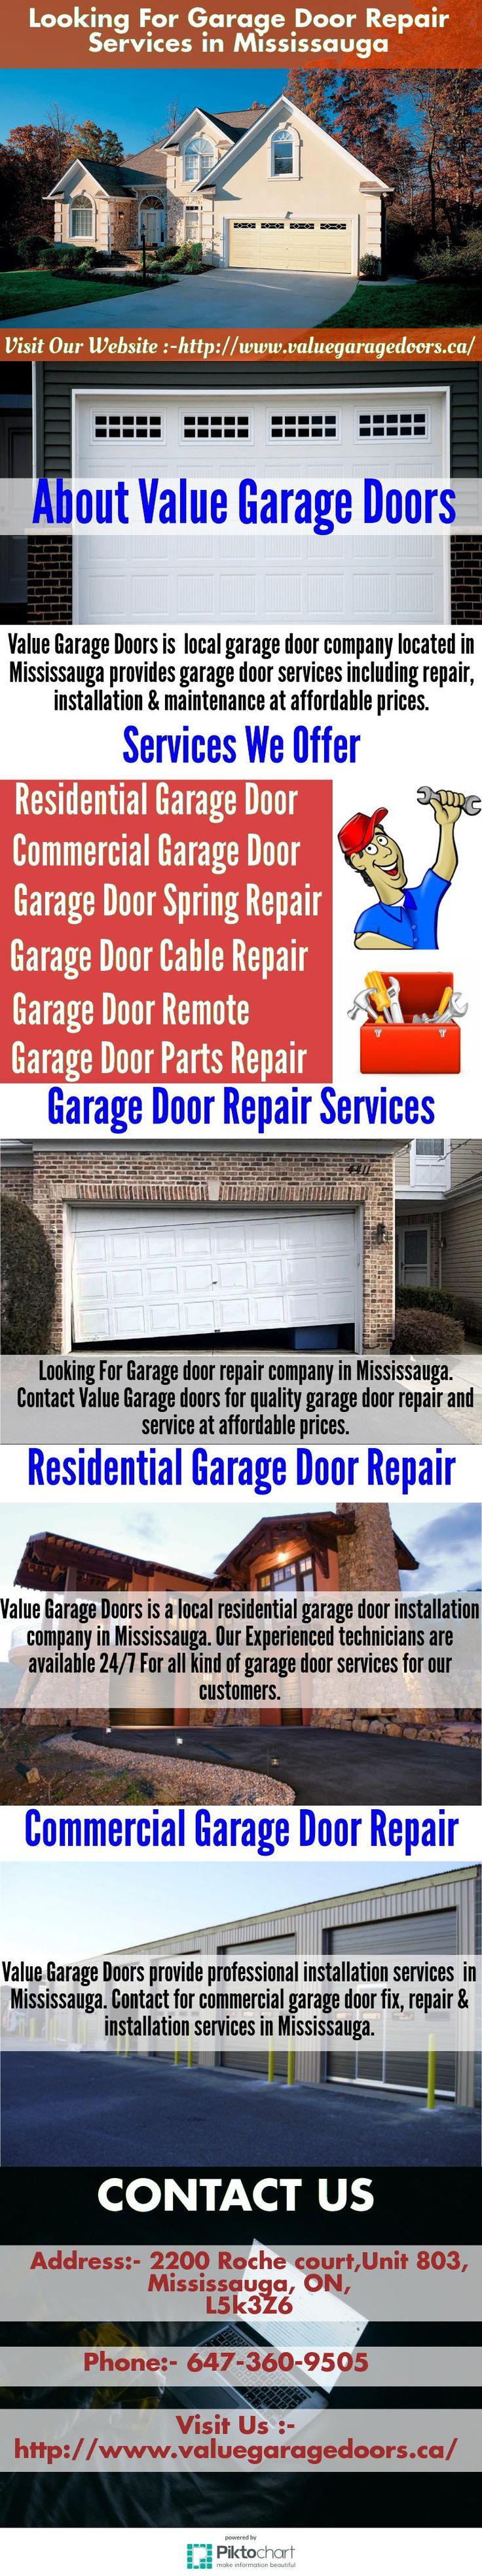 Pin By Value Garage Doors On 24/7 Garage Door Repair, Installation,  Replacement Service In Mississauga | Pinterest | Garage Doors And Doors